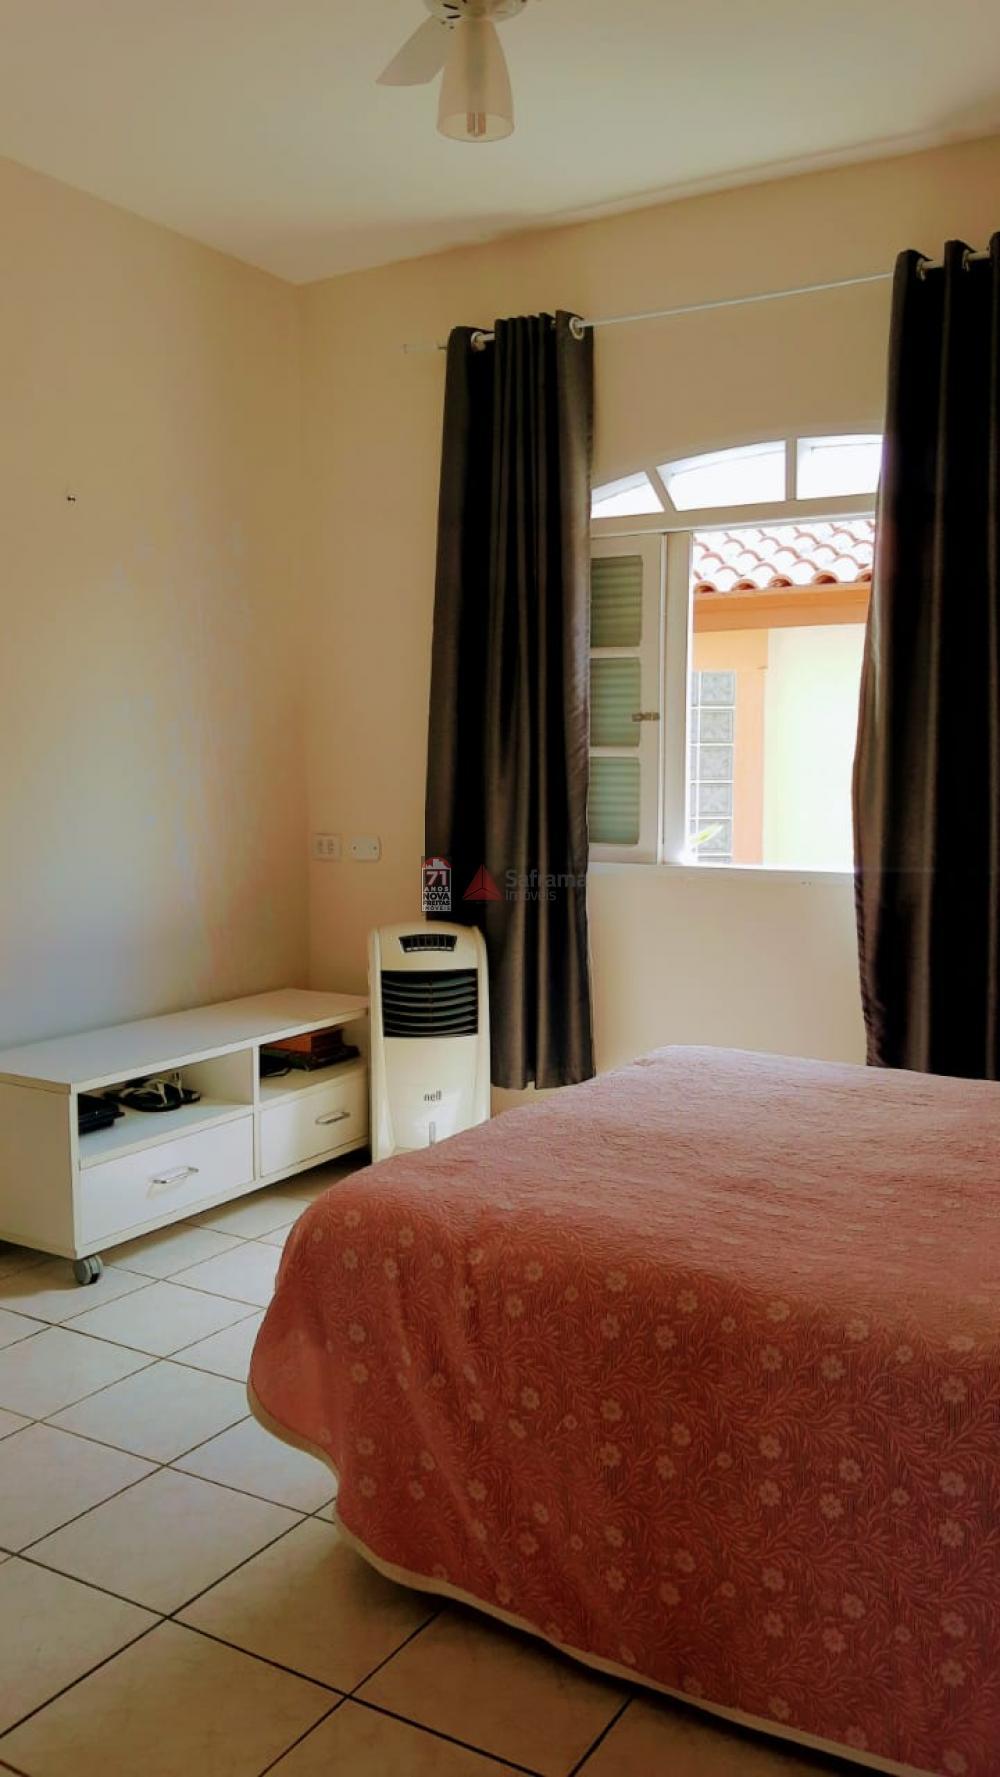 Comprar Casa / Sobrado em Caraguatatuba apenas R$ 1.600.000,00 - Foto 17